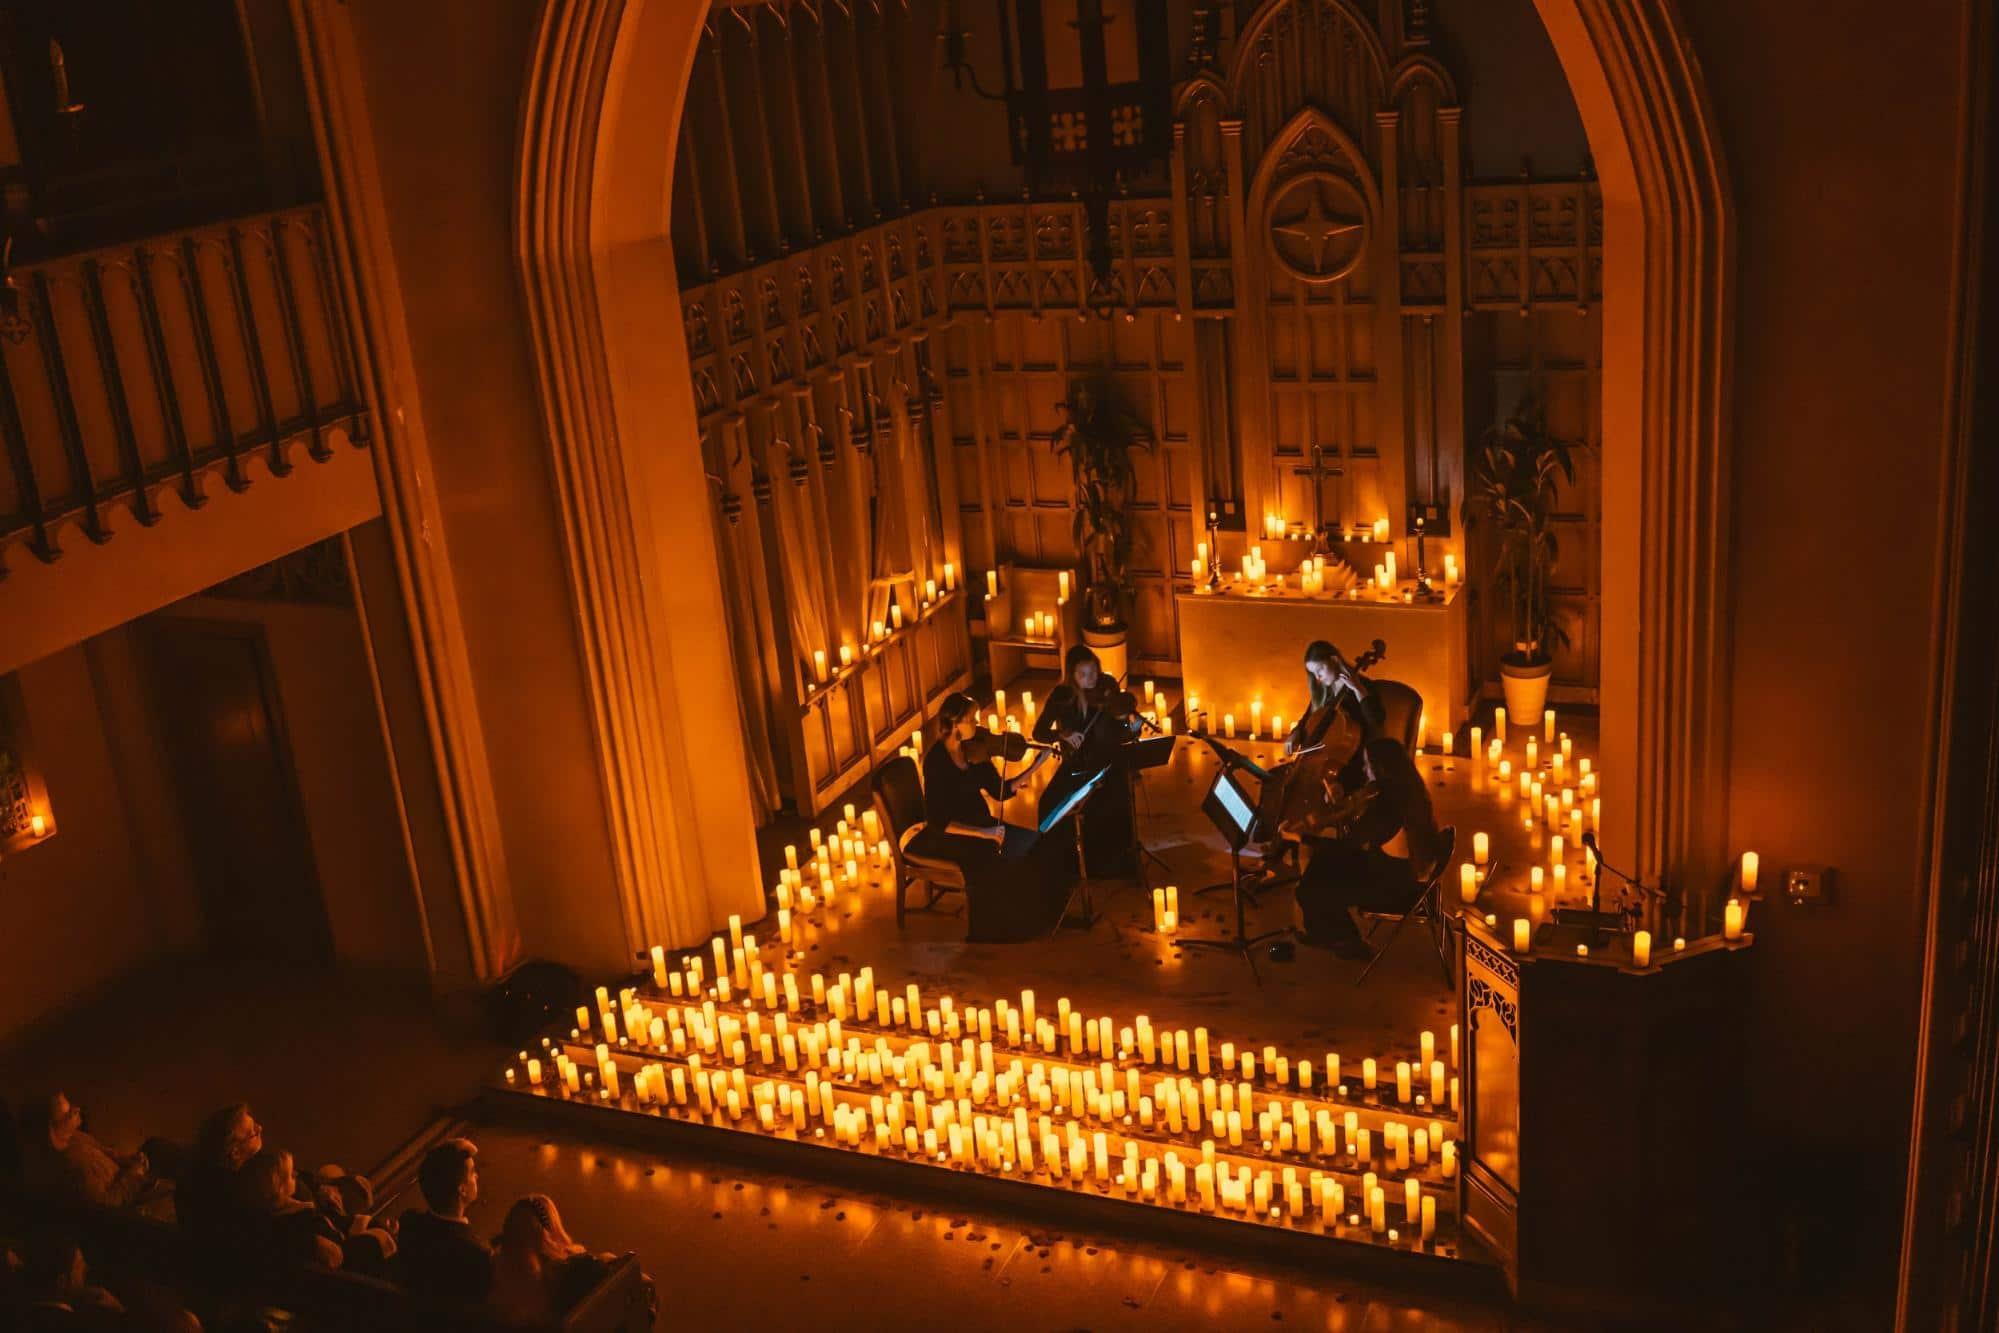 Candlelight: los conciertos a la luz de las velas llegan a México